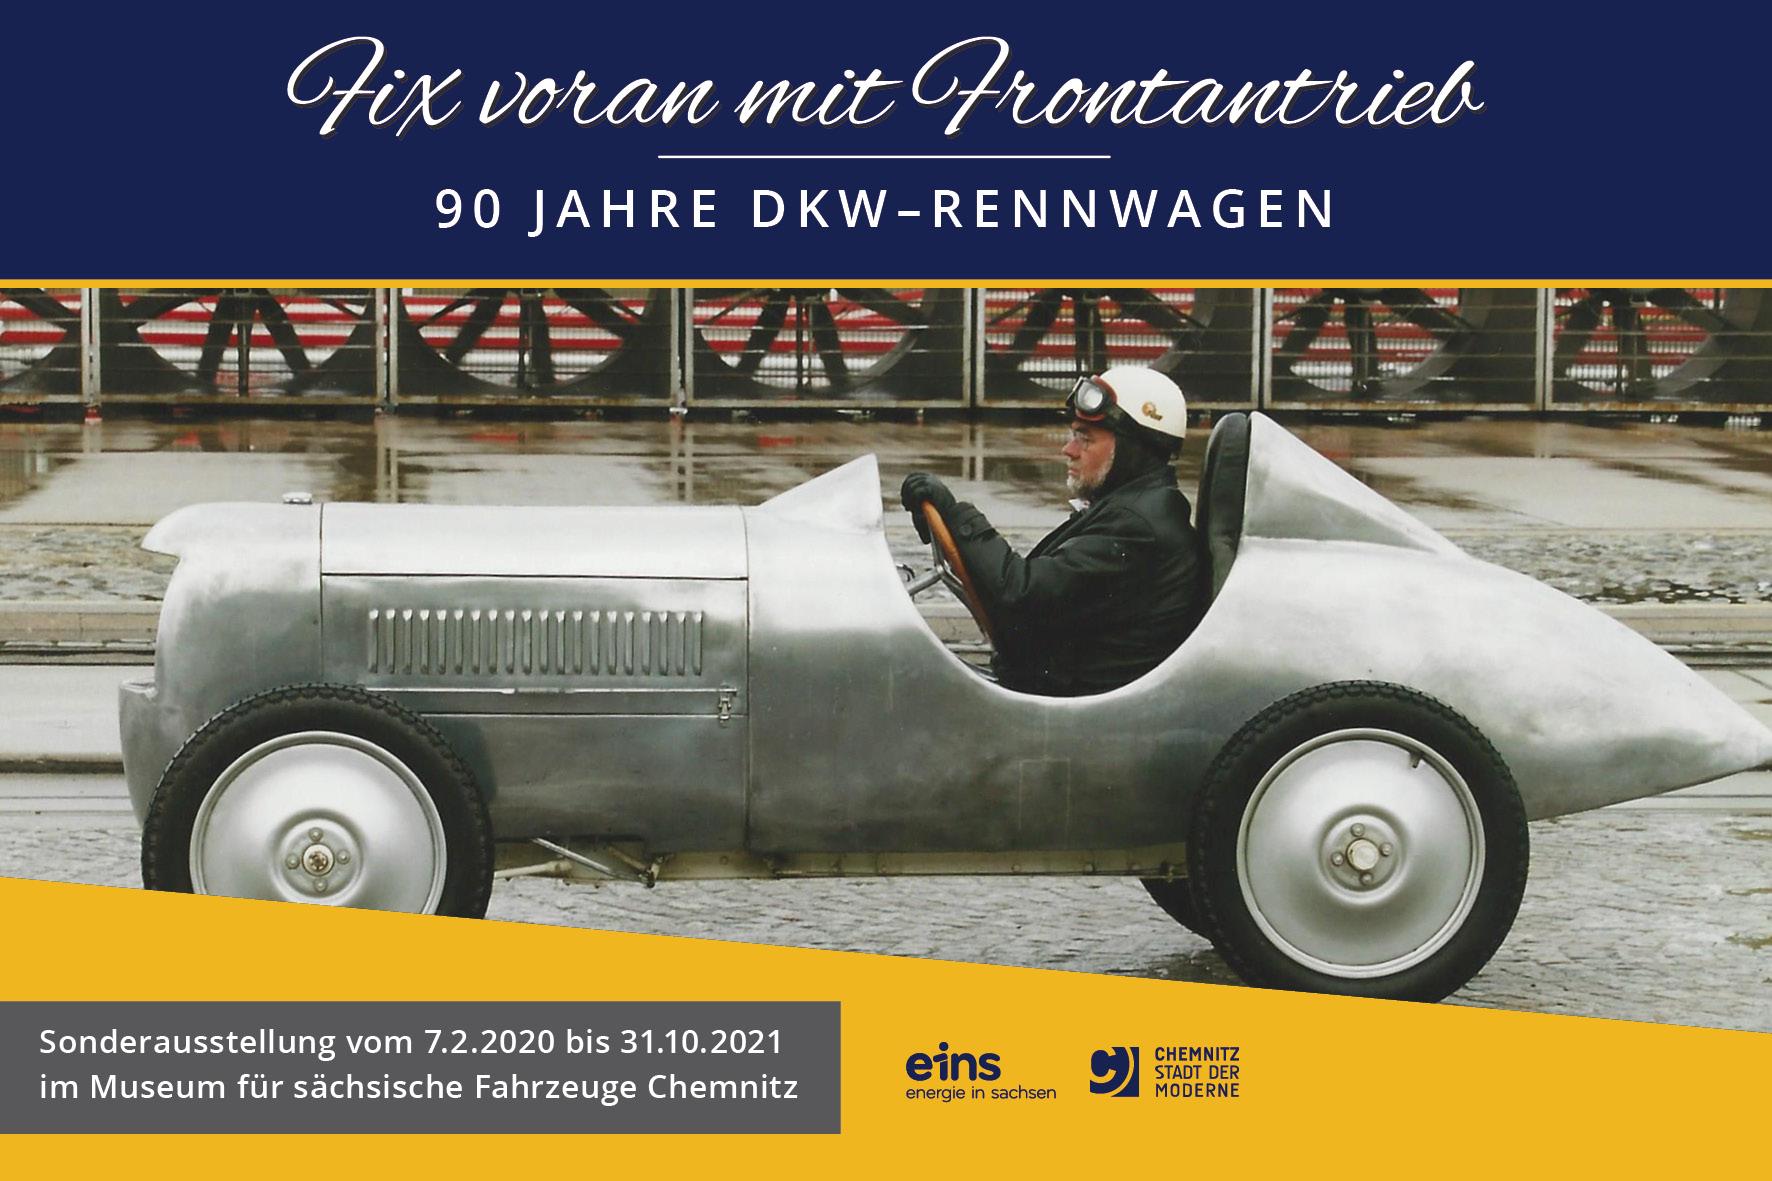 Sonderausstellung Fix voran mit Frontantrieb – 90 Jahre DKW-Rennwagen